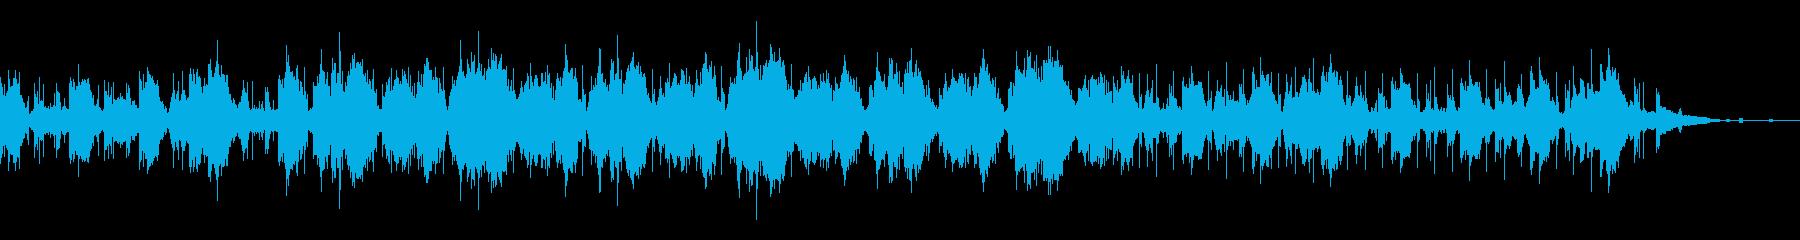 アンビエントなグリッジミュージックの再生済みの波形